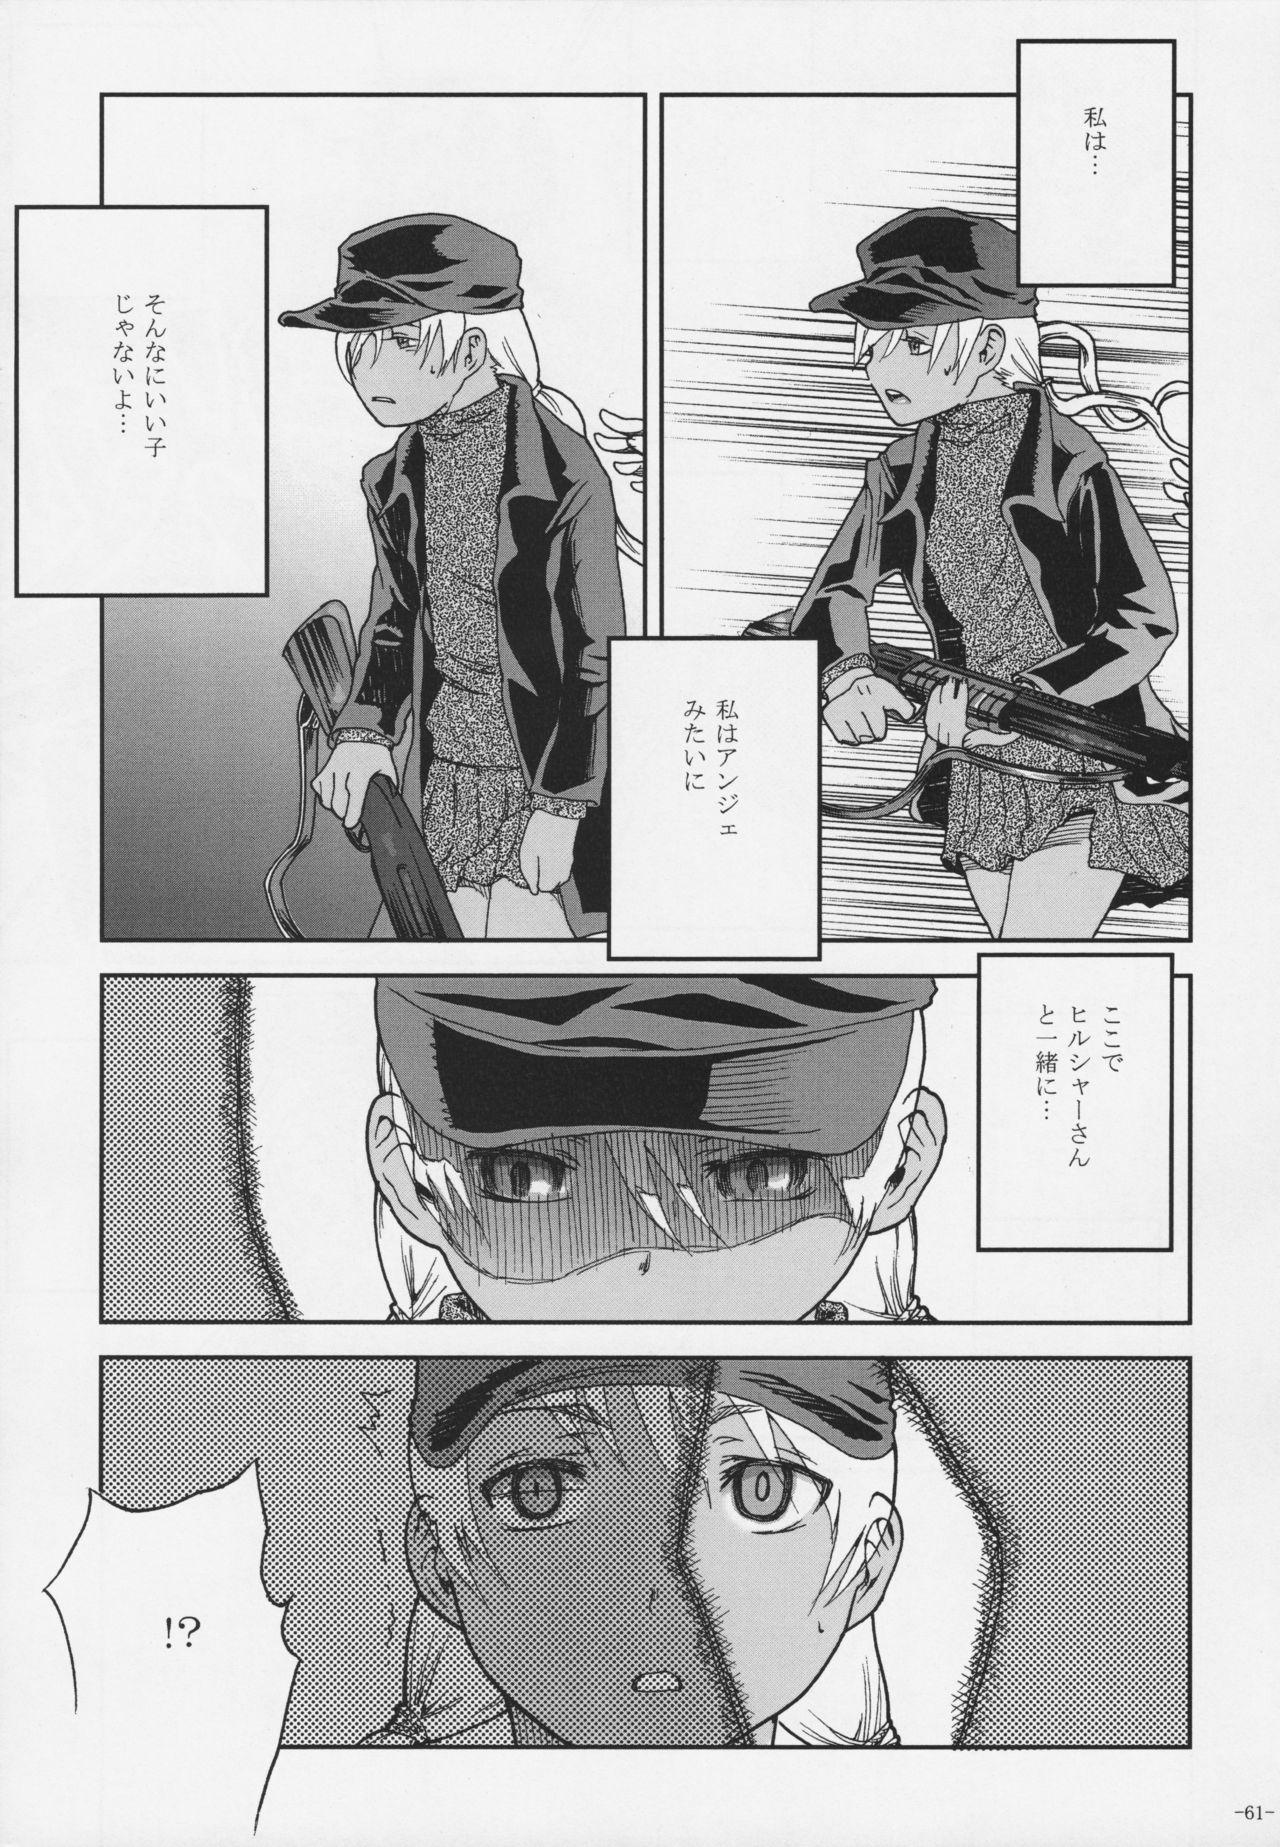 Duty 59